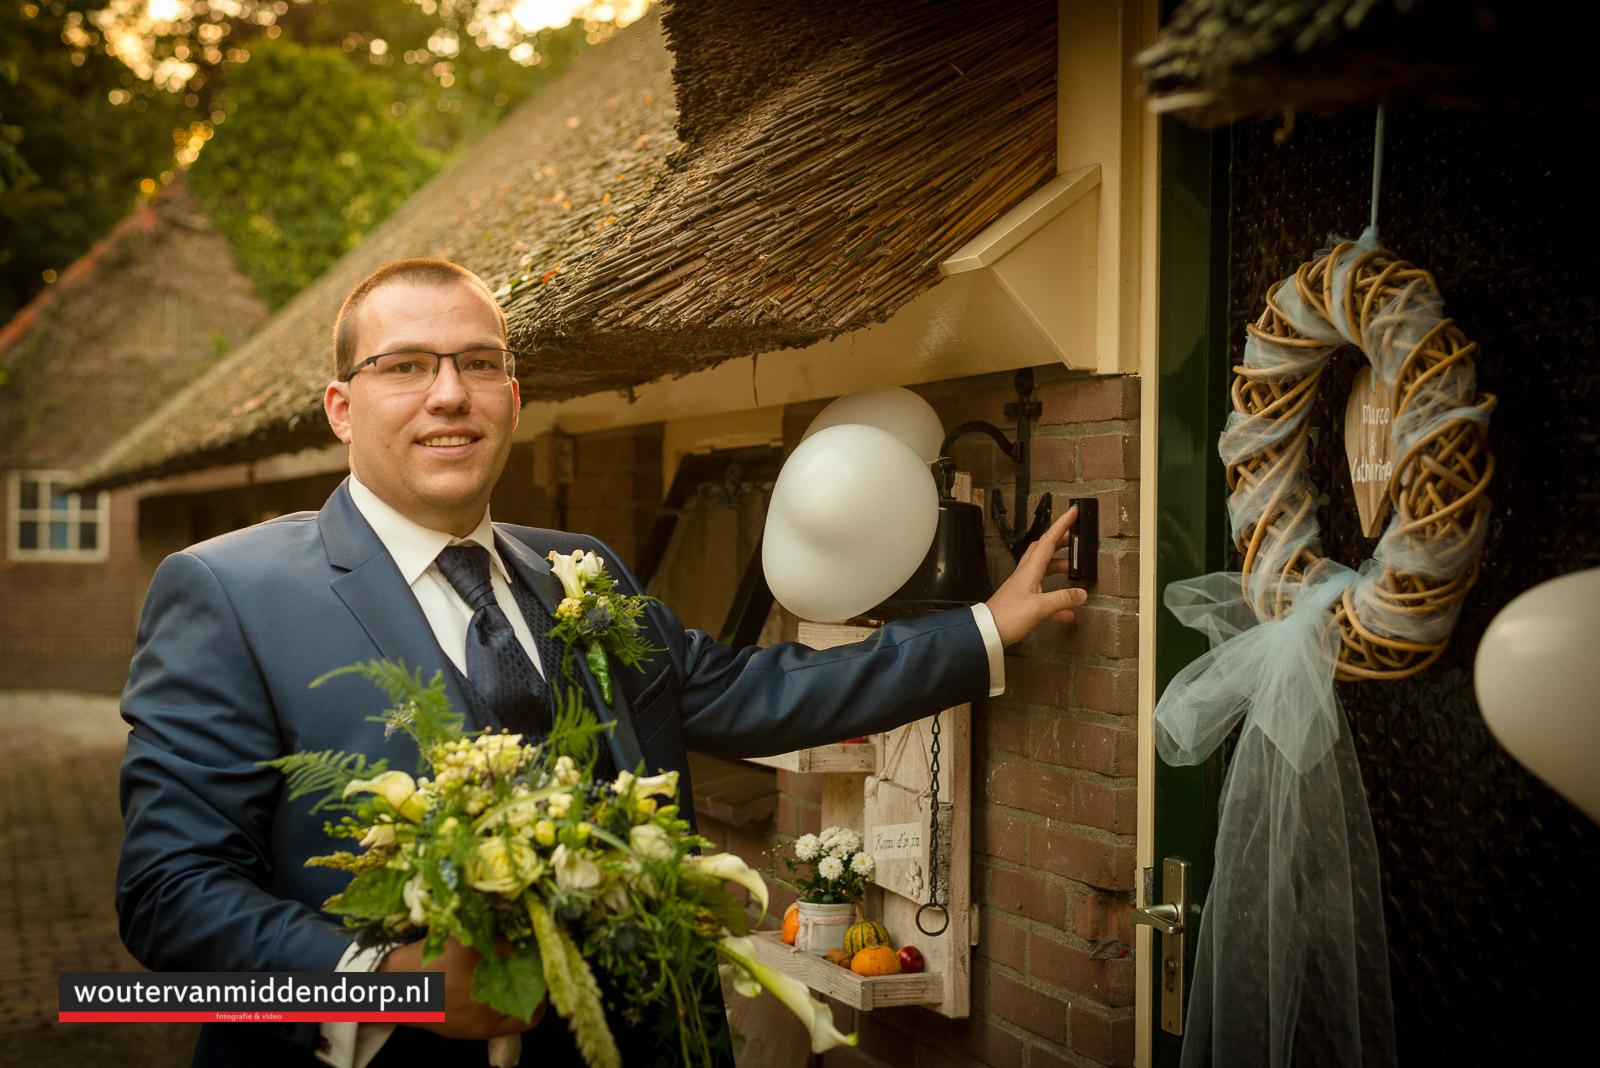 bruidsfotografie Wouter van Middendorp Uddel, Putten, -12